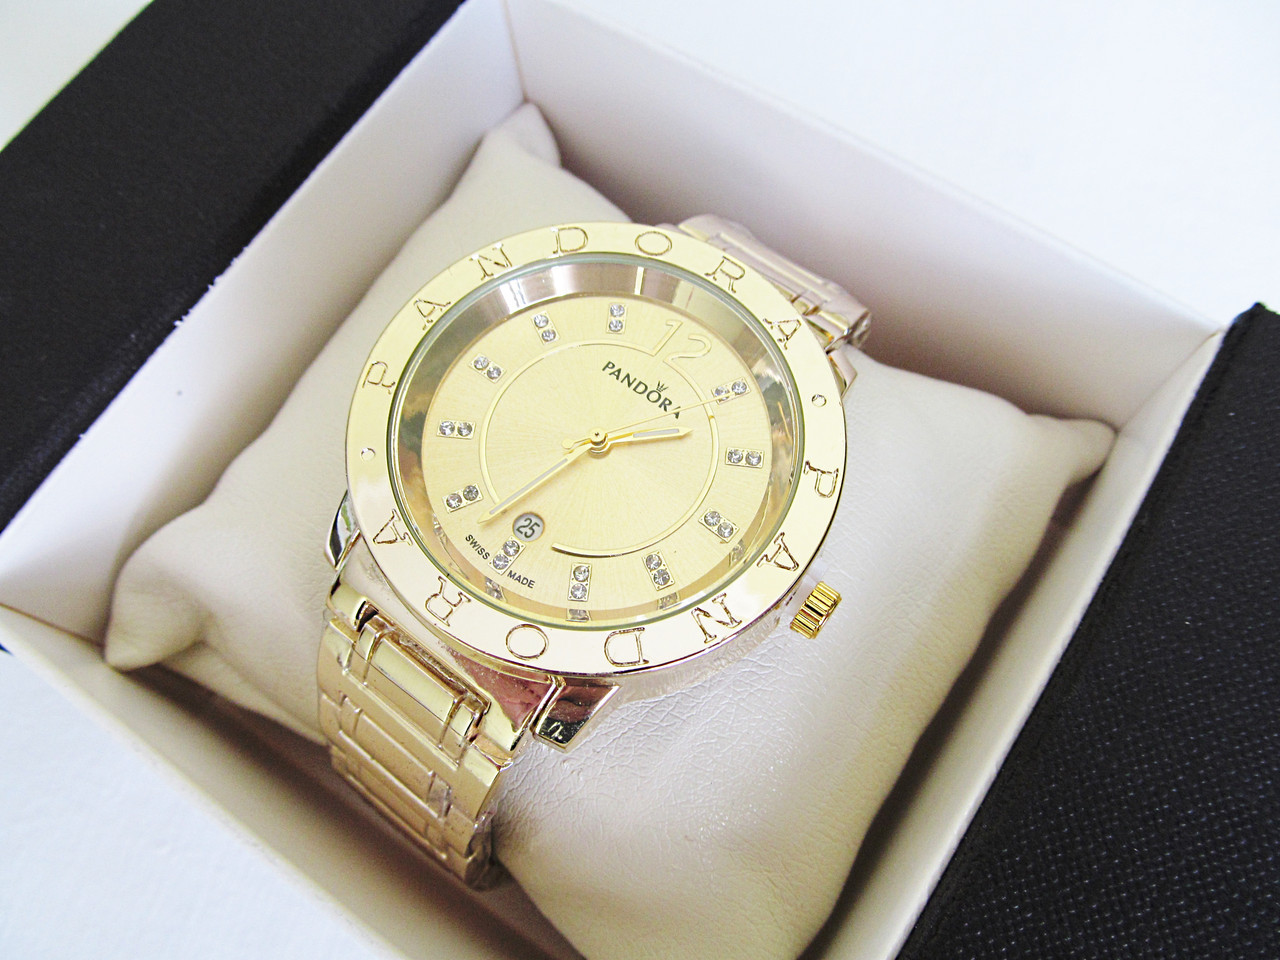 Каталог интернет-магазинов, где можно купить женские часы pandora - livening-russia.ru и др  внимание!